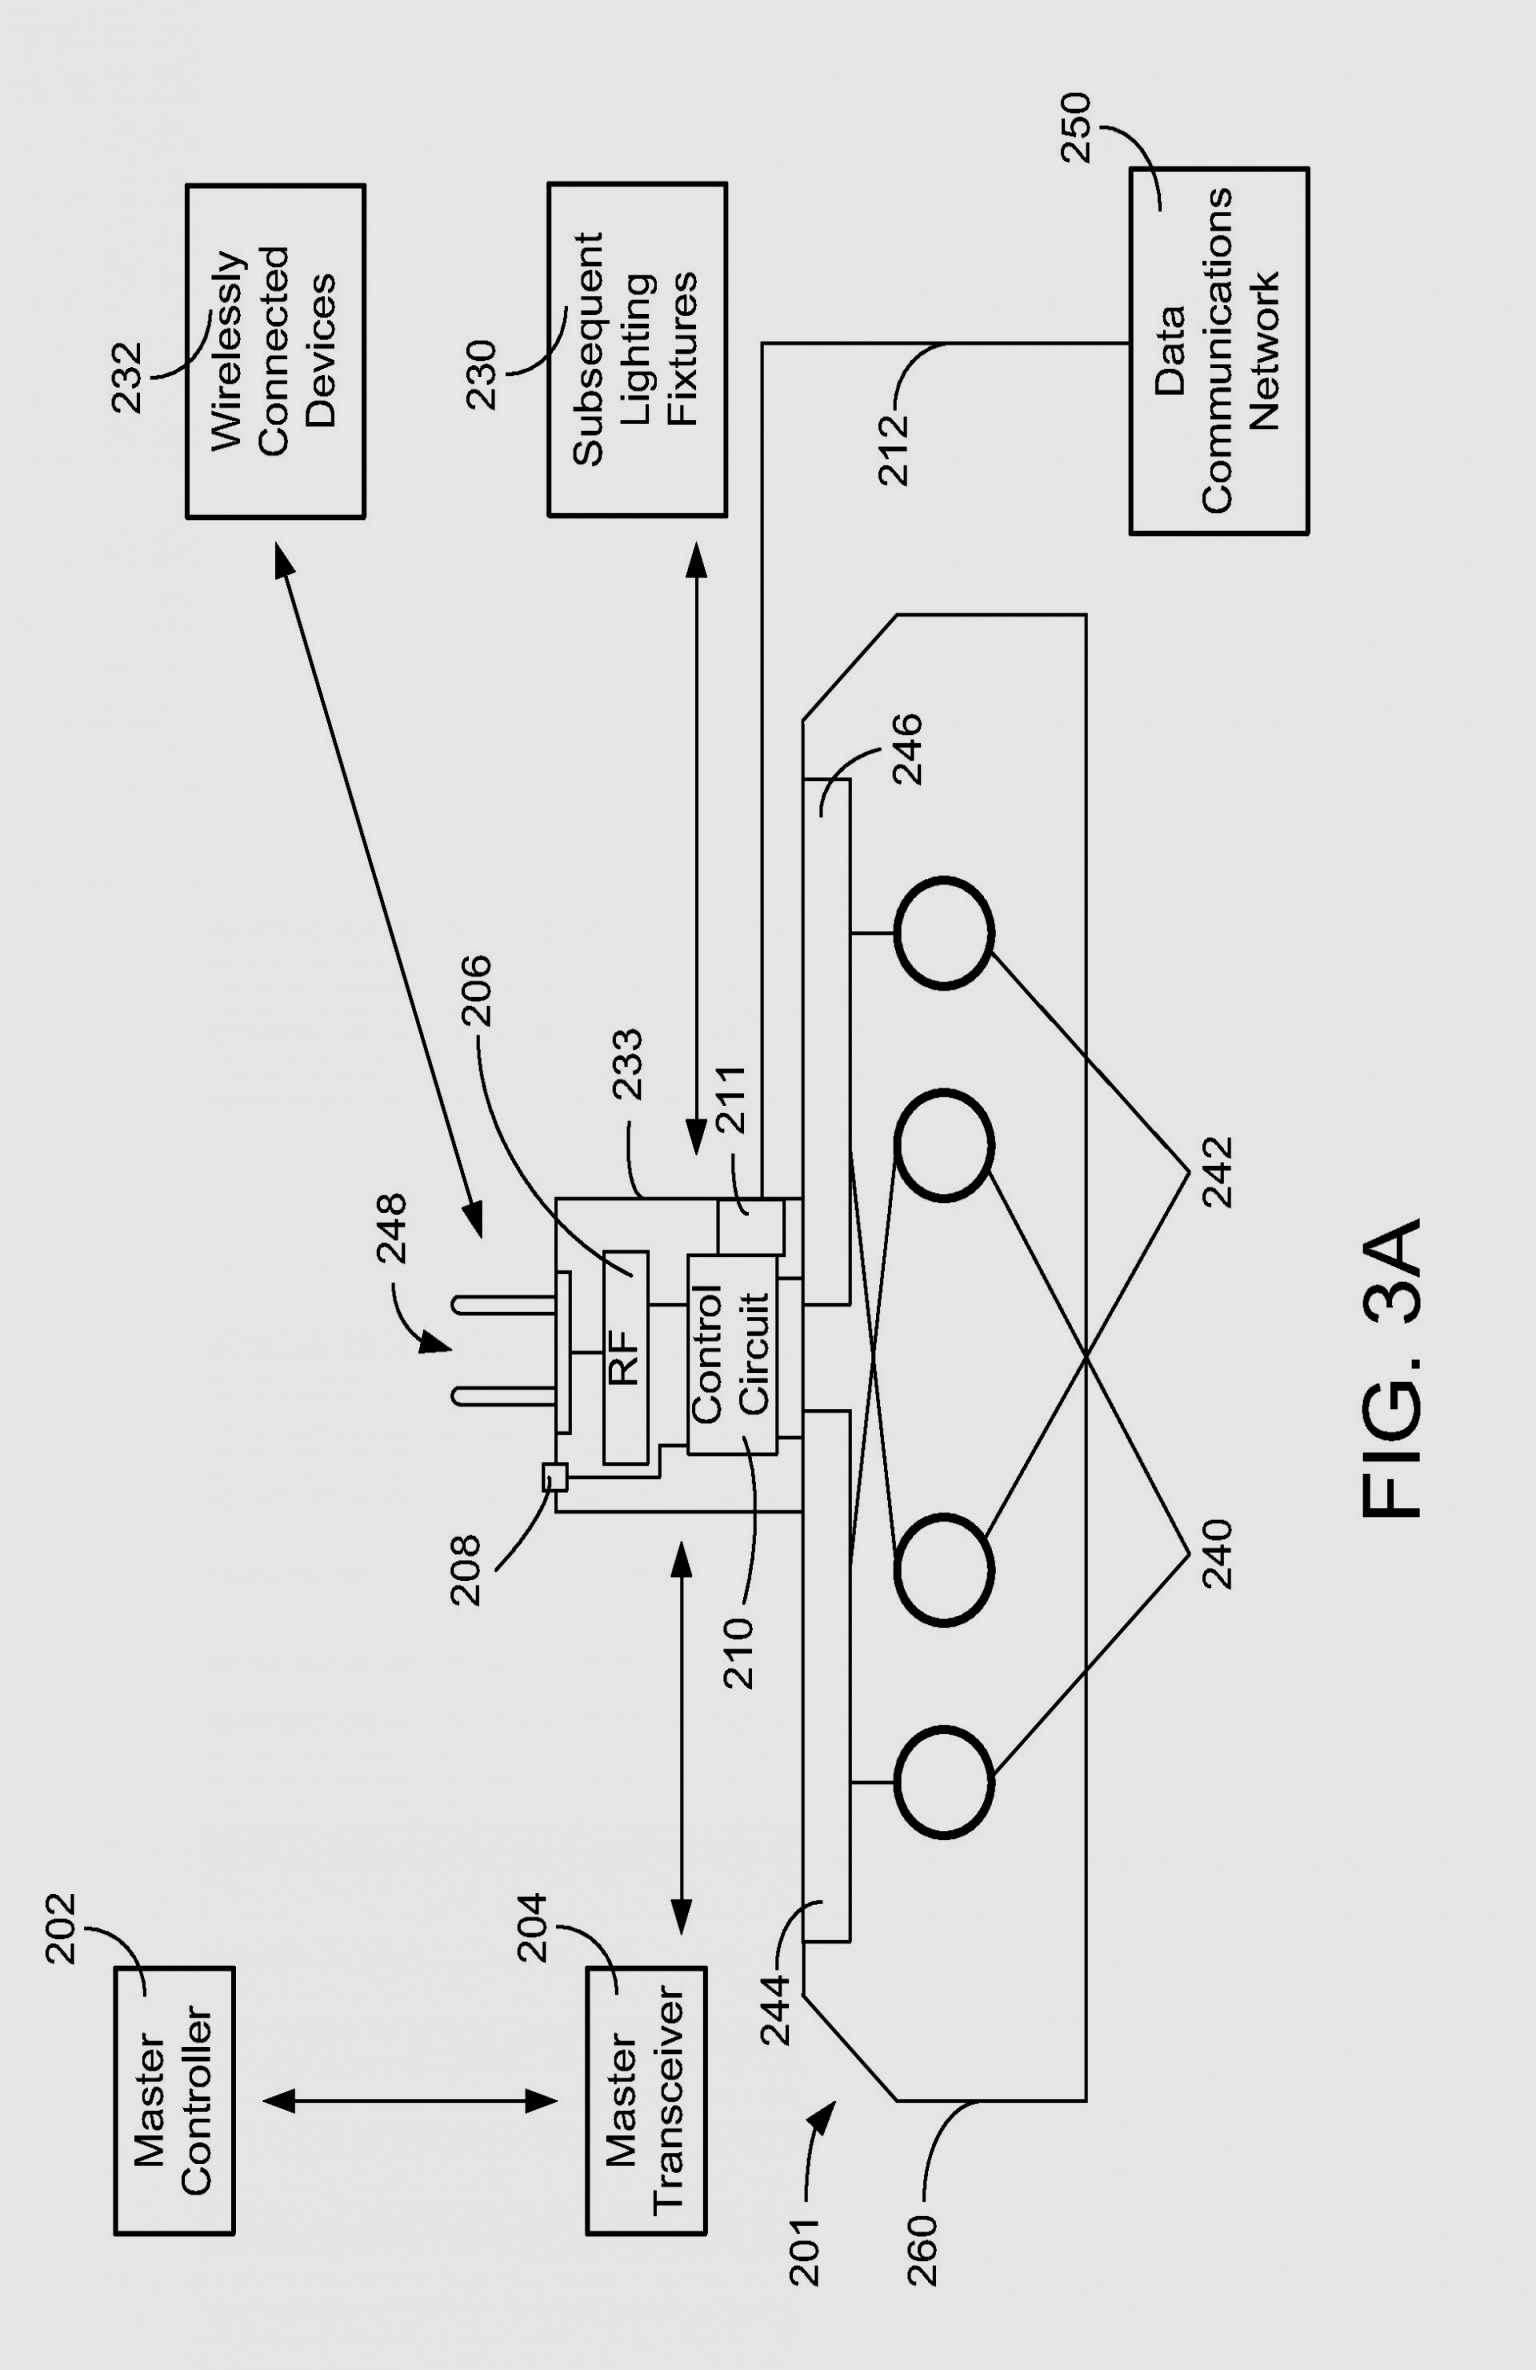 True Gdm 72F Wiring Diagram | Schematic Diagram - True Freezer T 49F Wiring Diagram